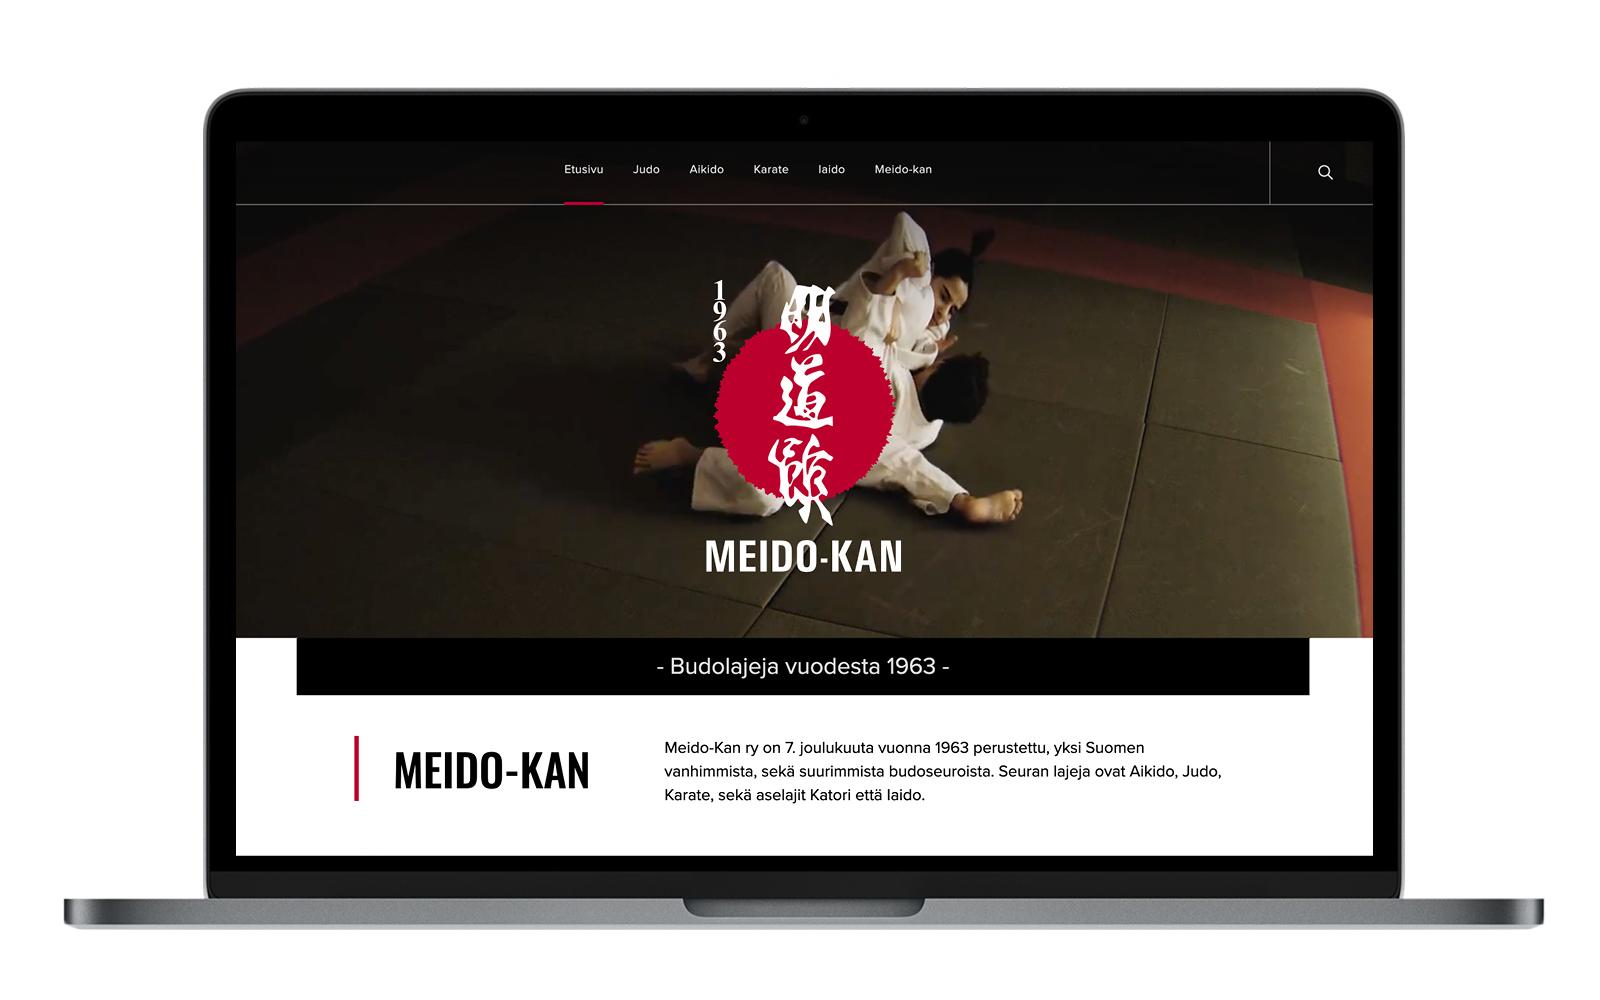 Meido-kan verkkosivuston aloitusnäkymä